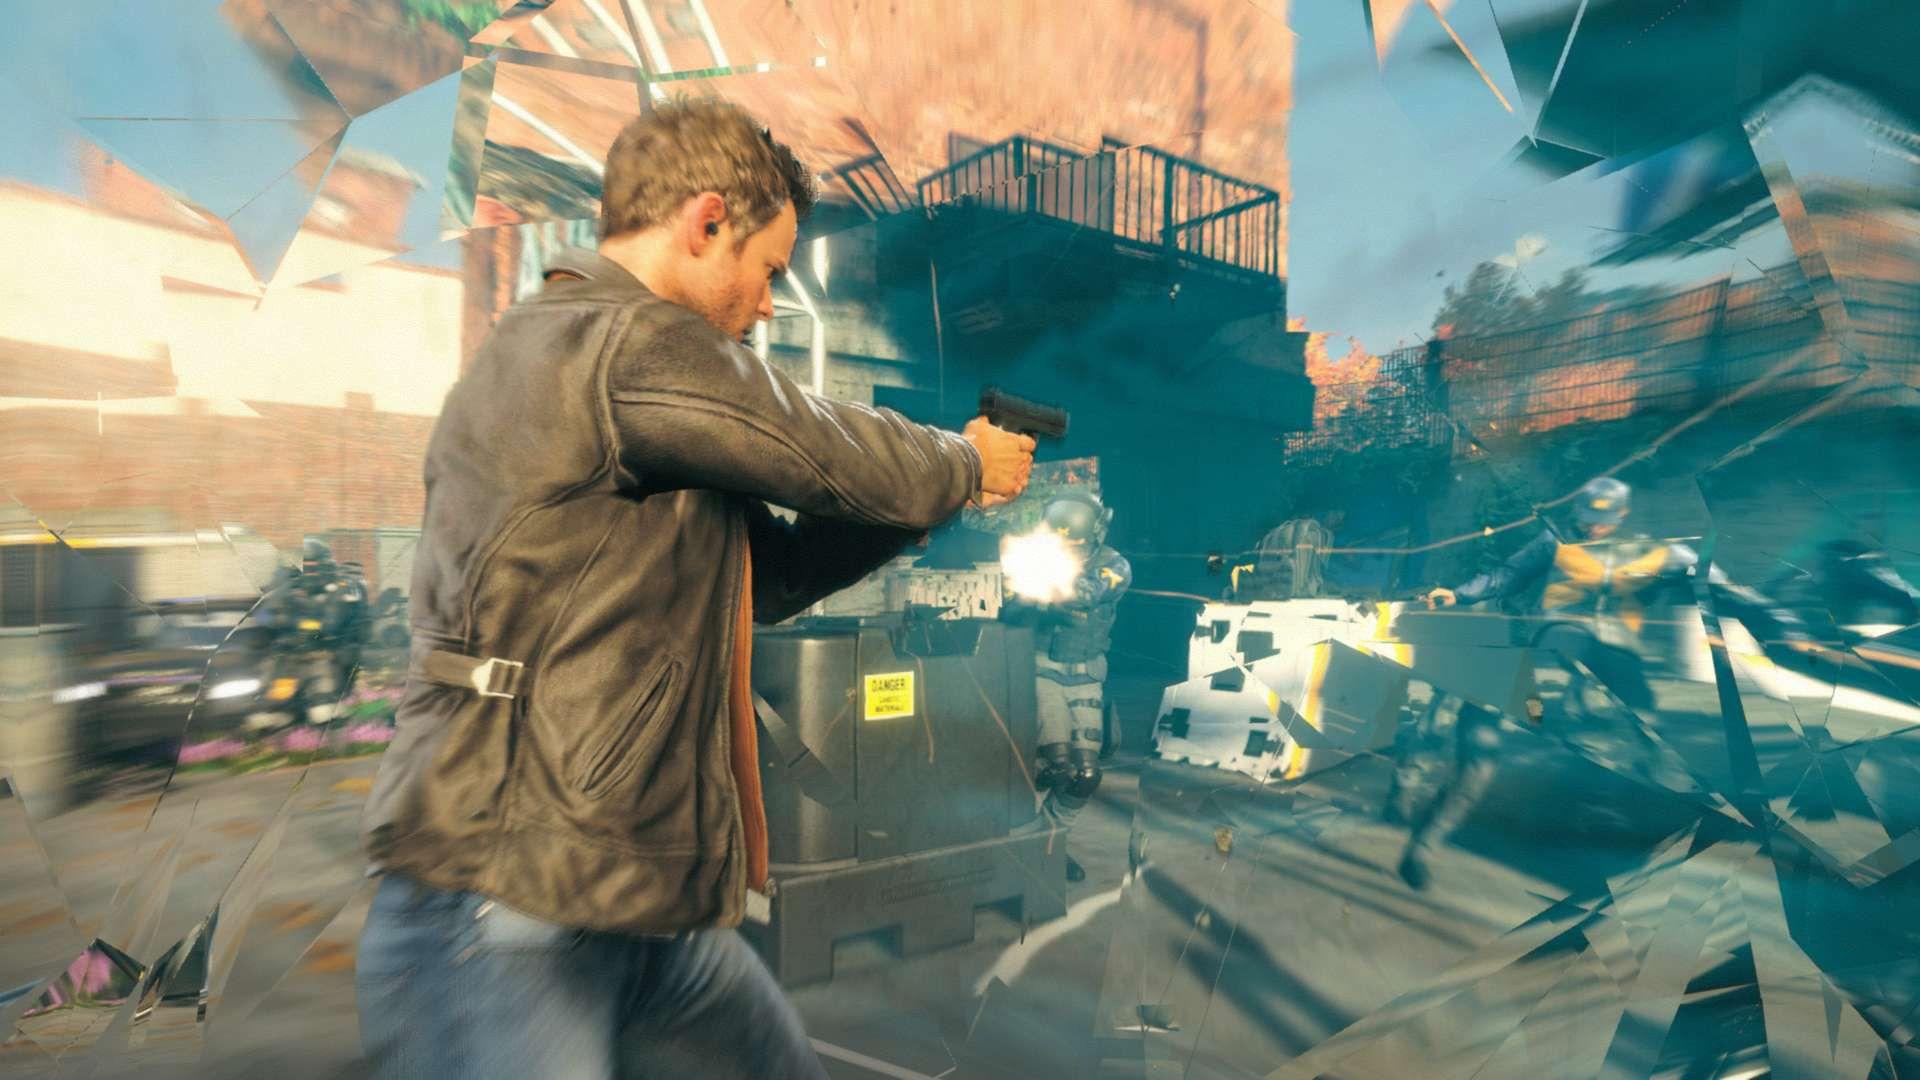 Quantum Break 2 is in development, an insider is sure of it